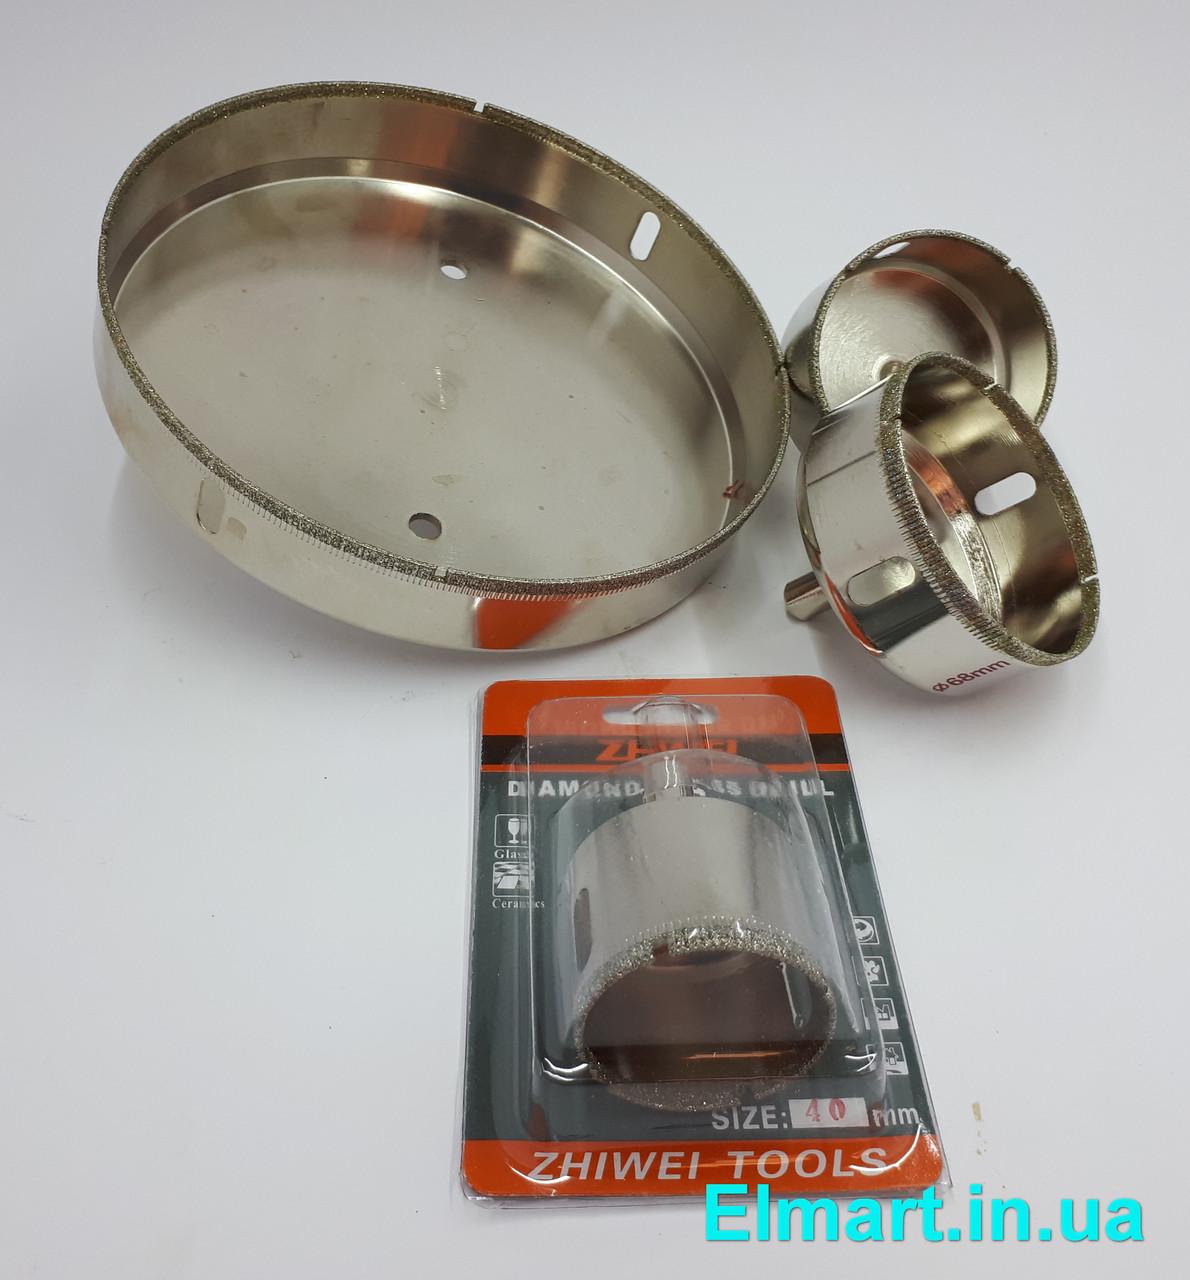 Коронки алмазные 6 mm по керамике и стеклу